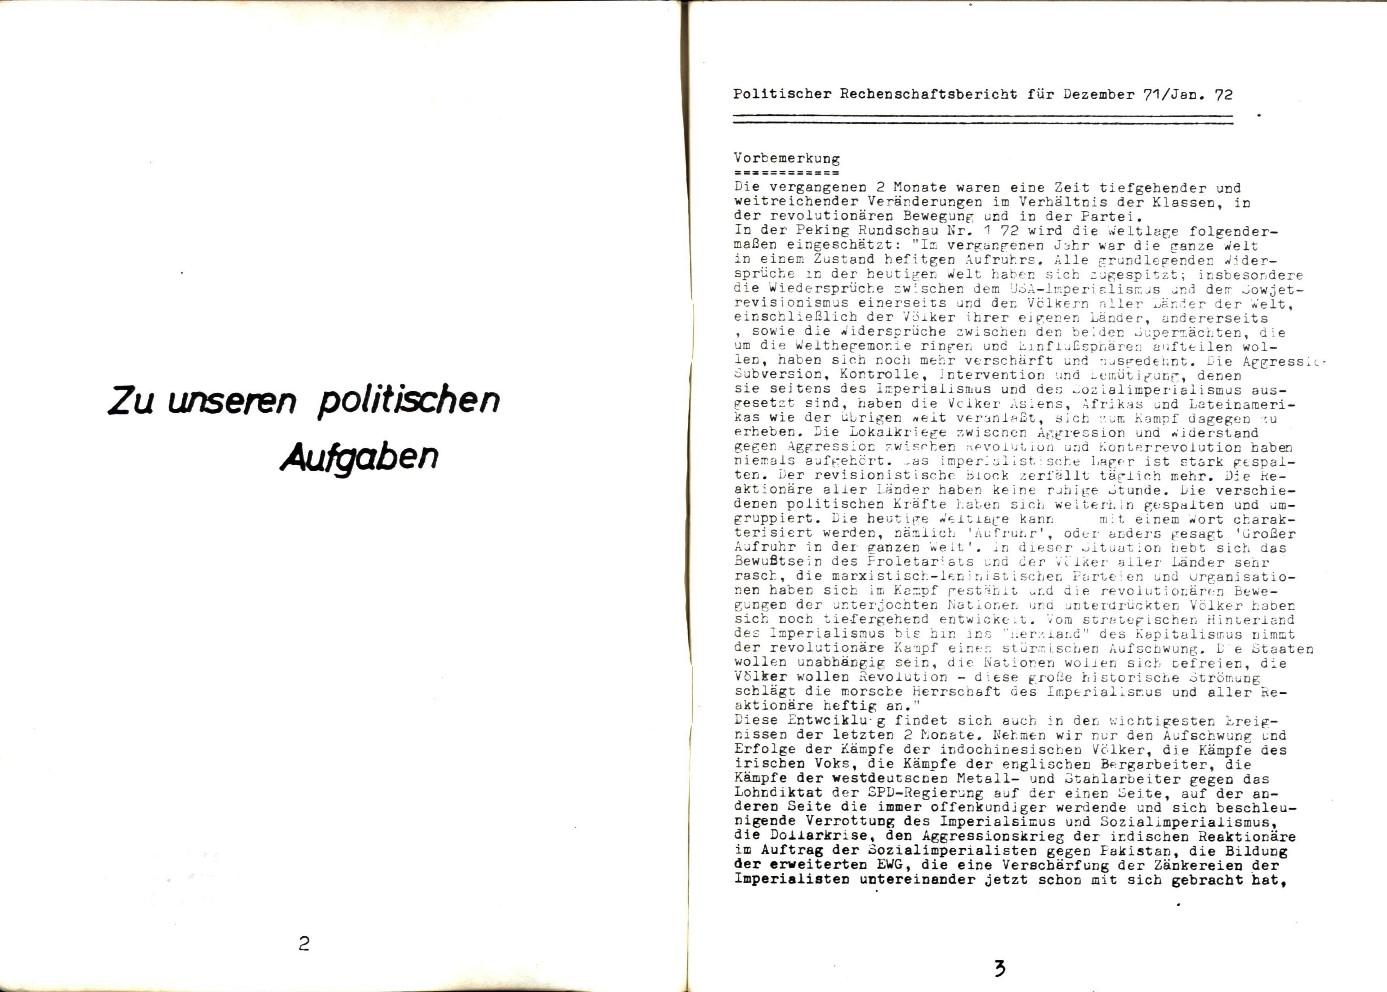 NRW_KPDML_Der_Bolschewist_1972_04_03